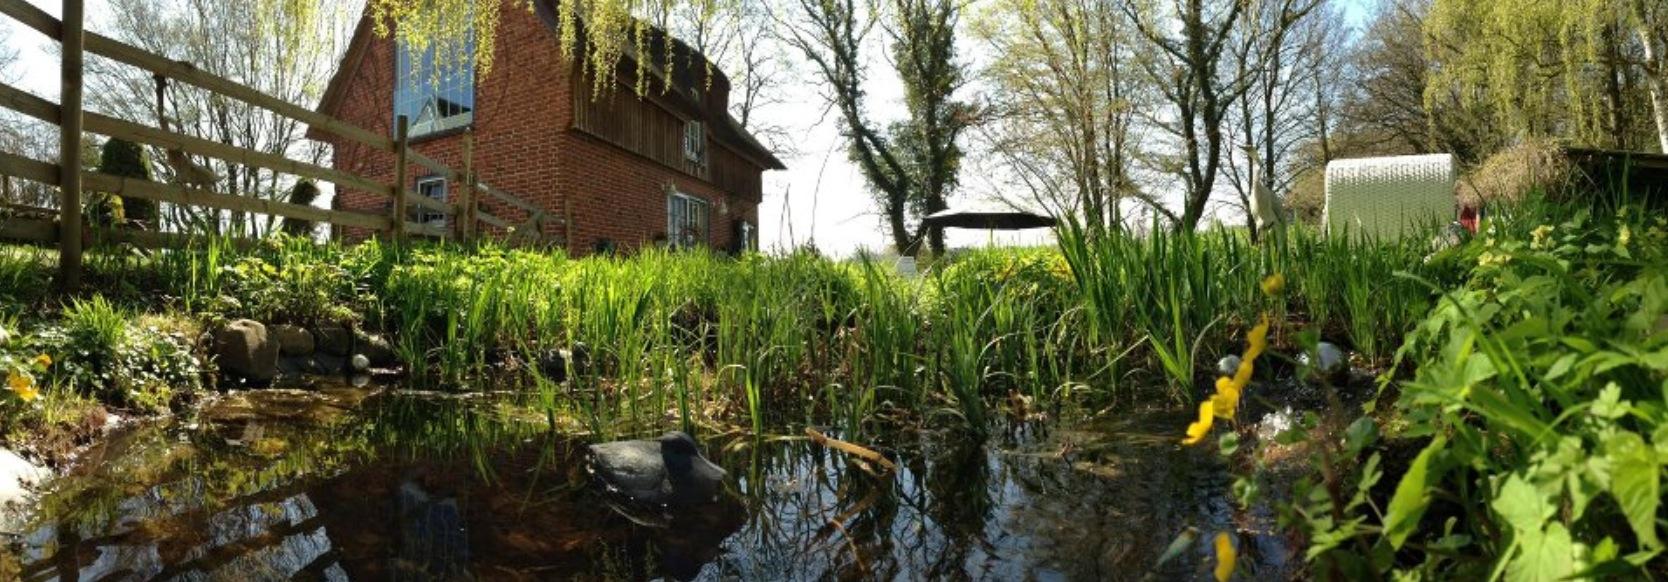 Teich mit Haus